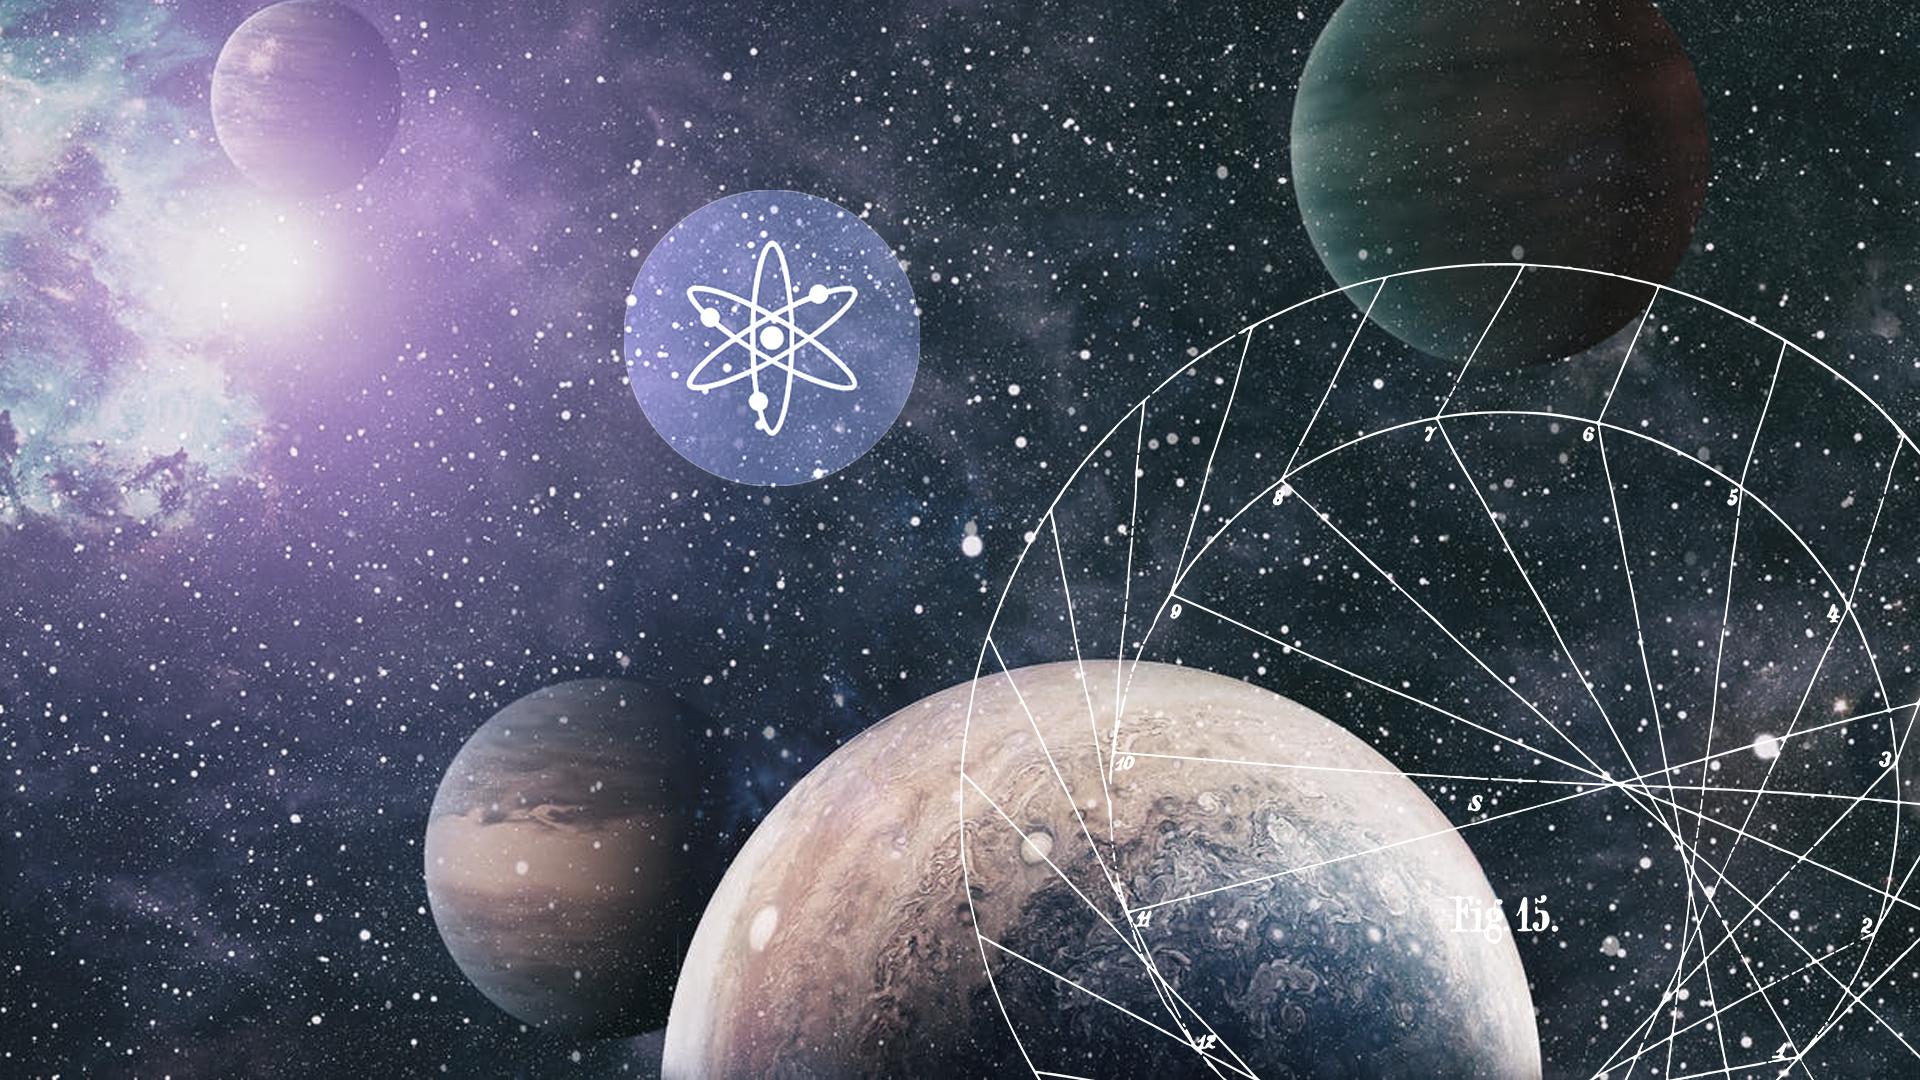 cosmos (atom) developments